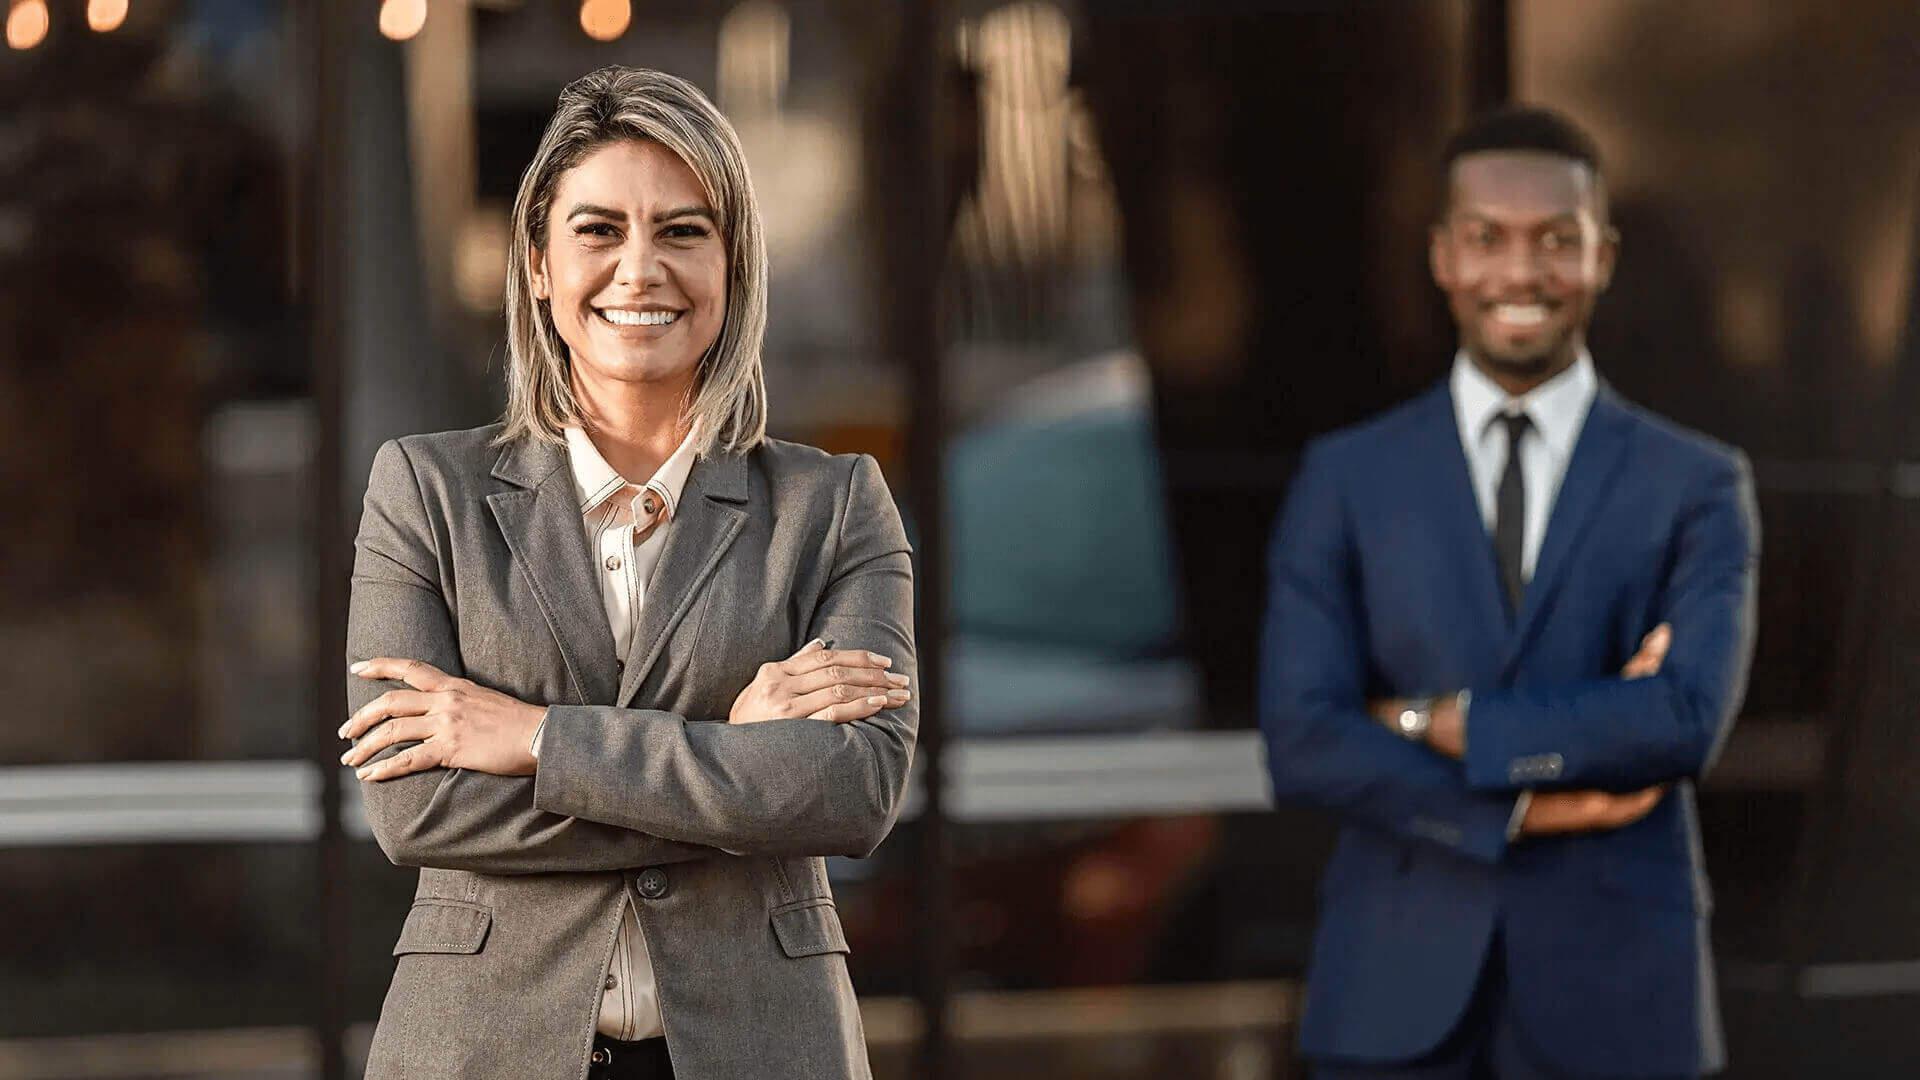 Guía para reconocer logros laborales y motivar a tus colaboradores